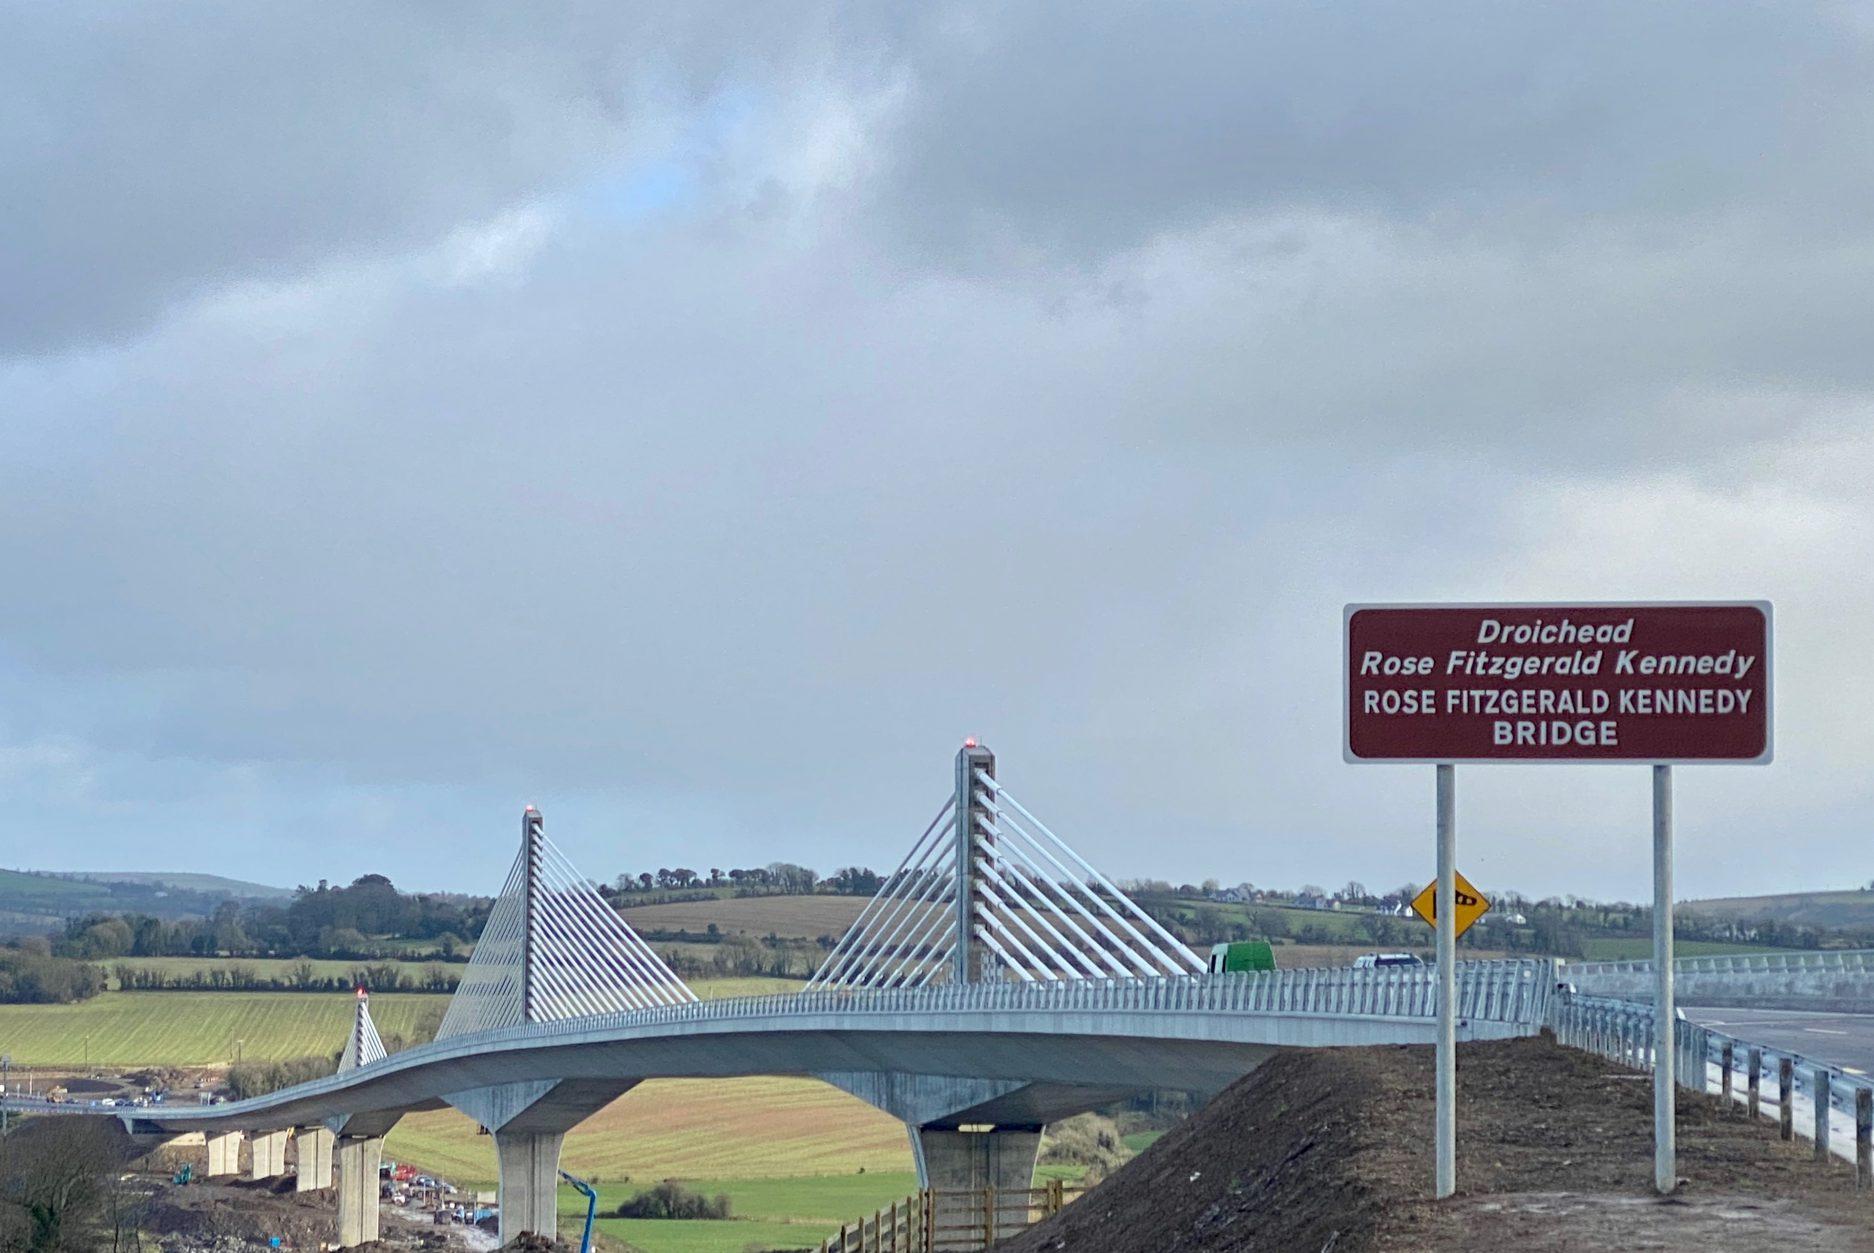 Brücke mit LT 104 in Irland